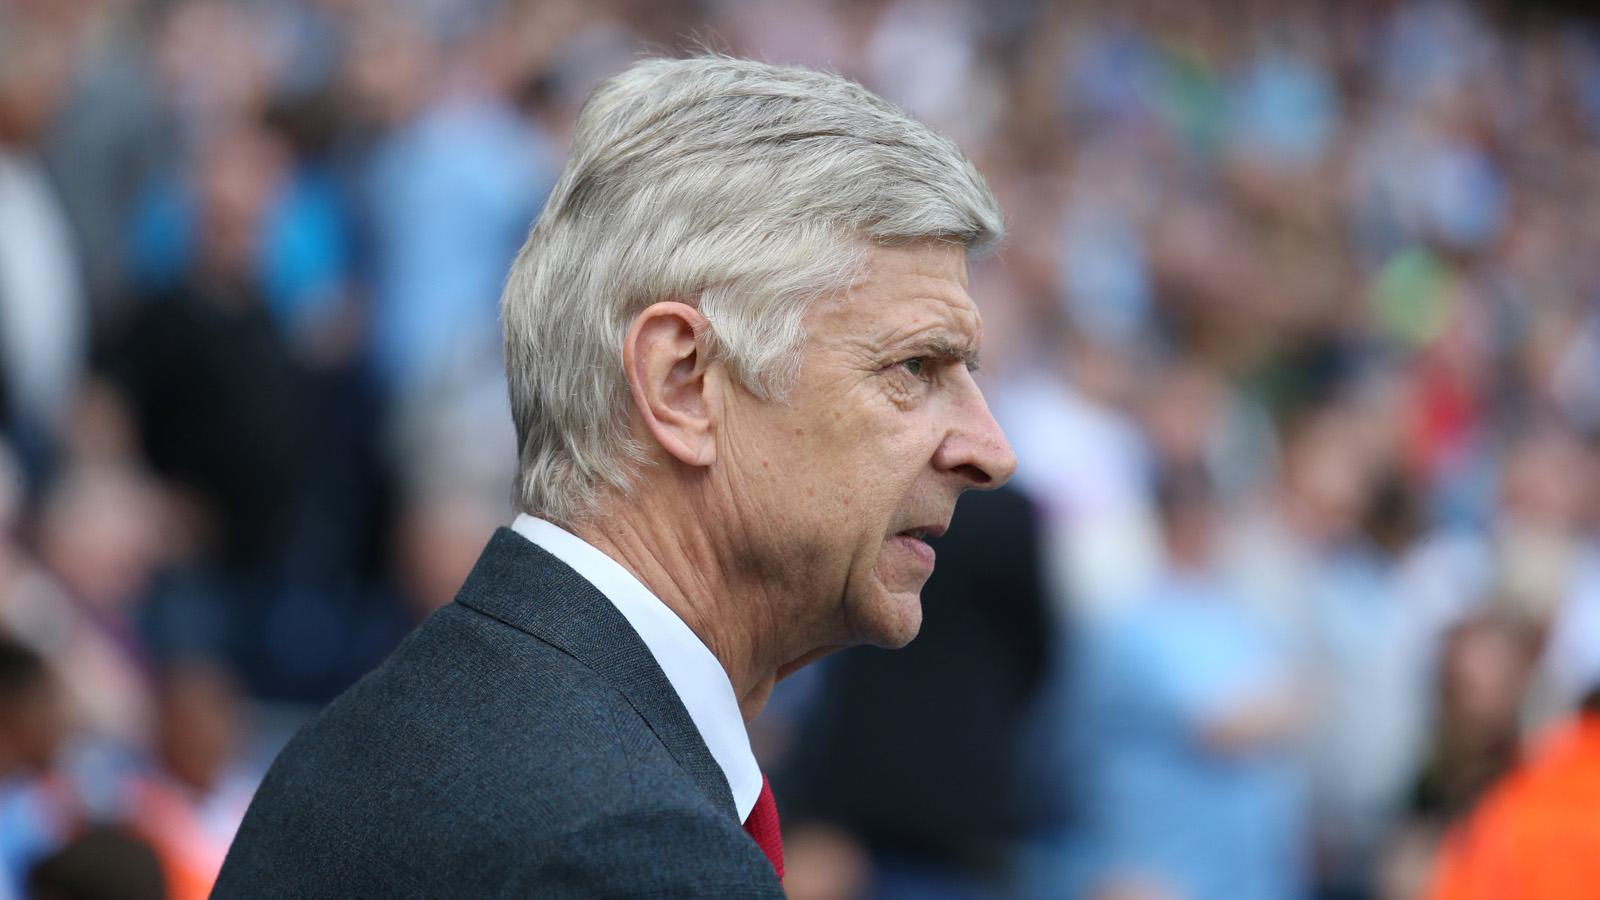 Arsene Wenger angrily denies talk of new Arsenal deal